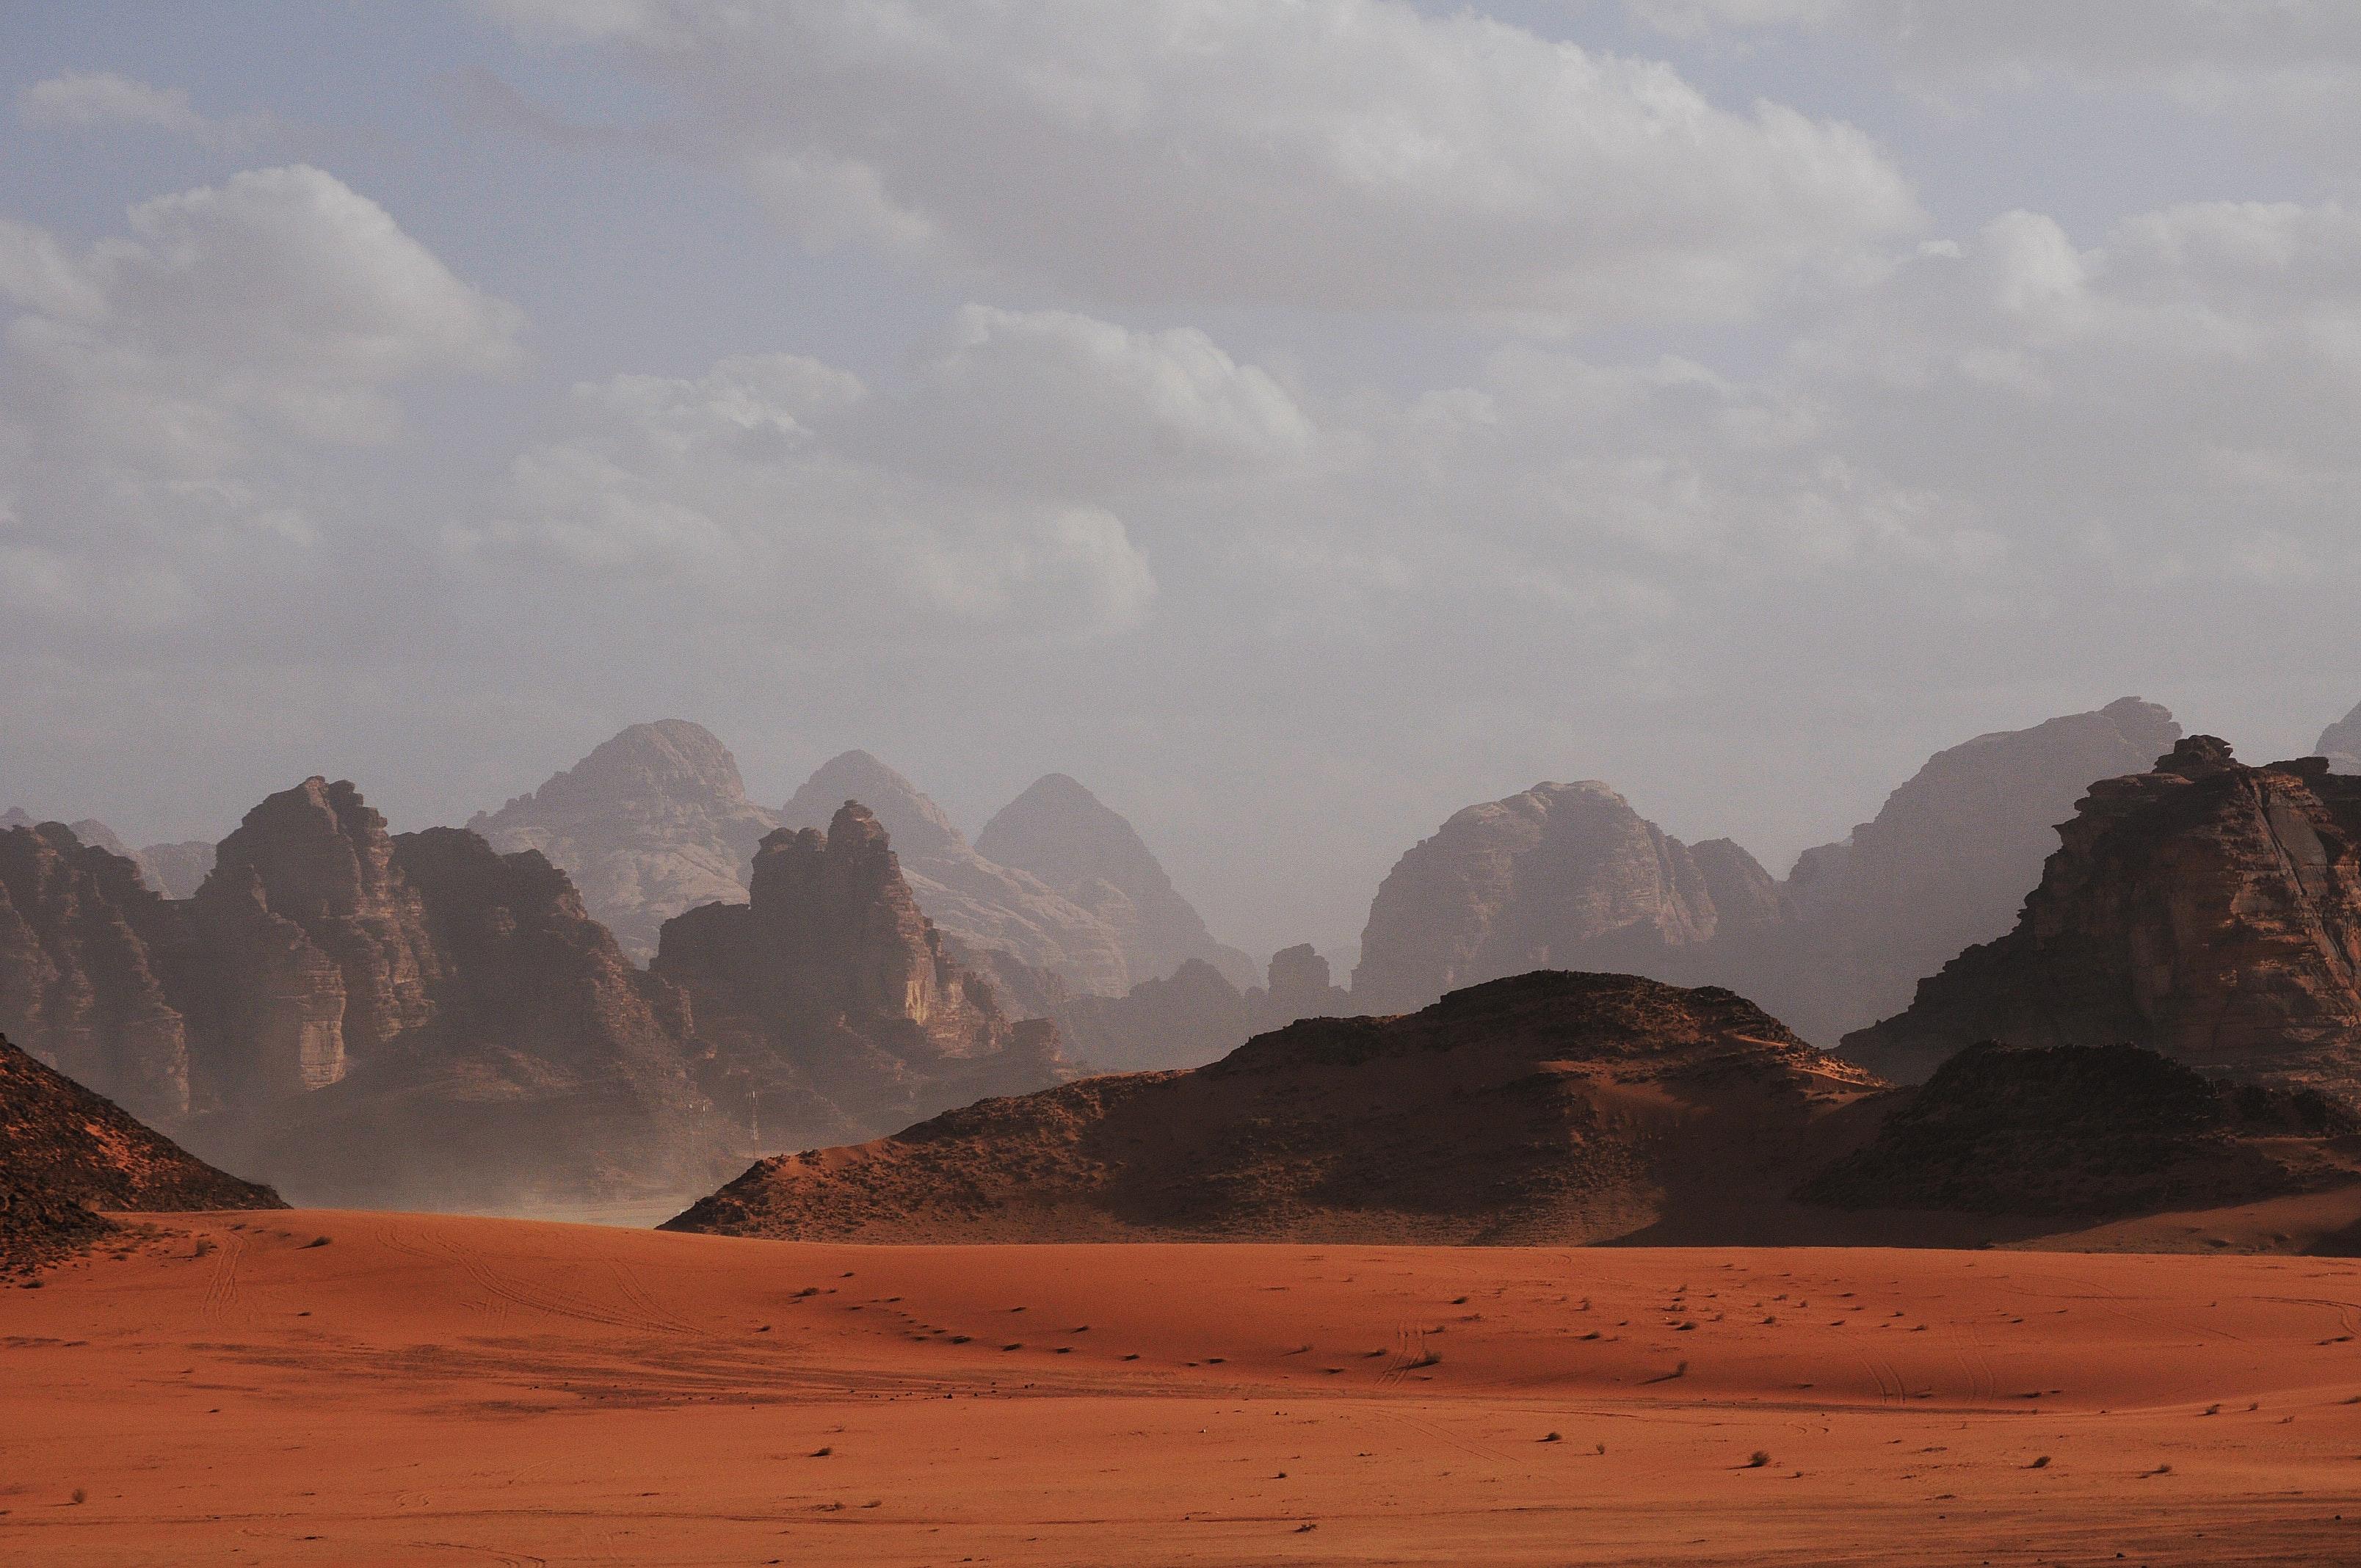 Así será el hotel de superlujo dentro de una montaña en el desierto